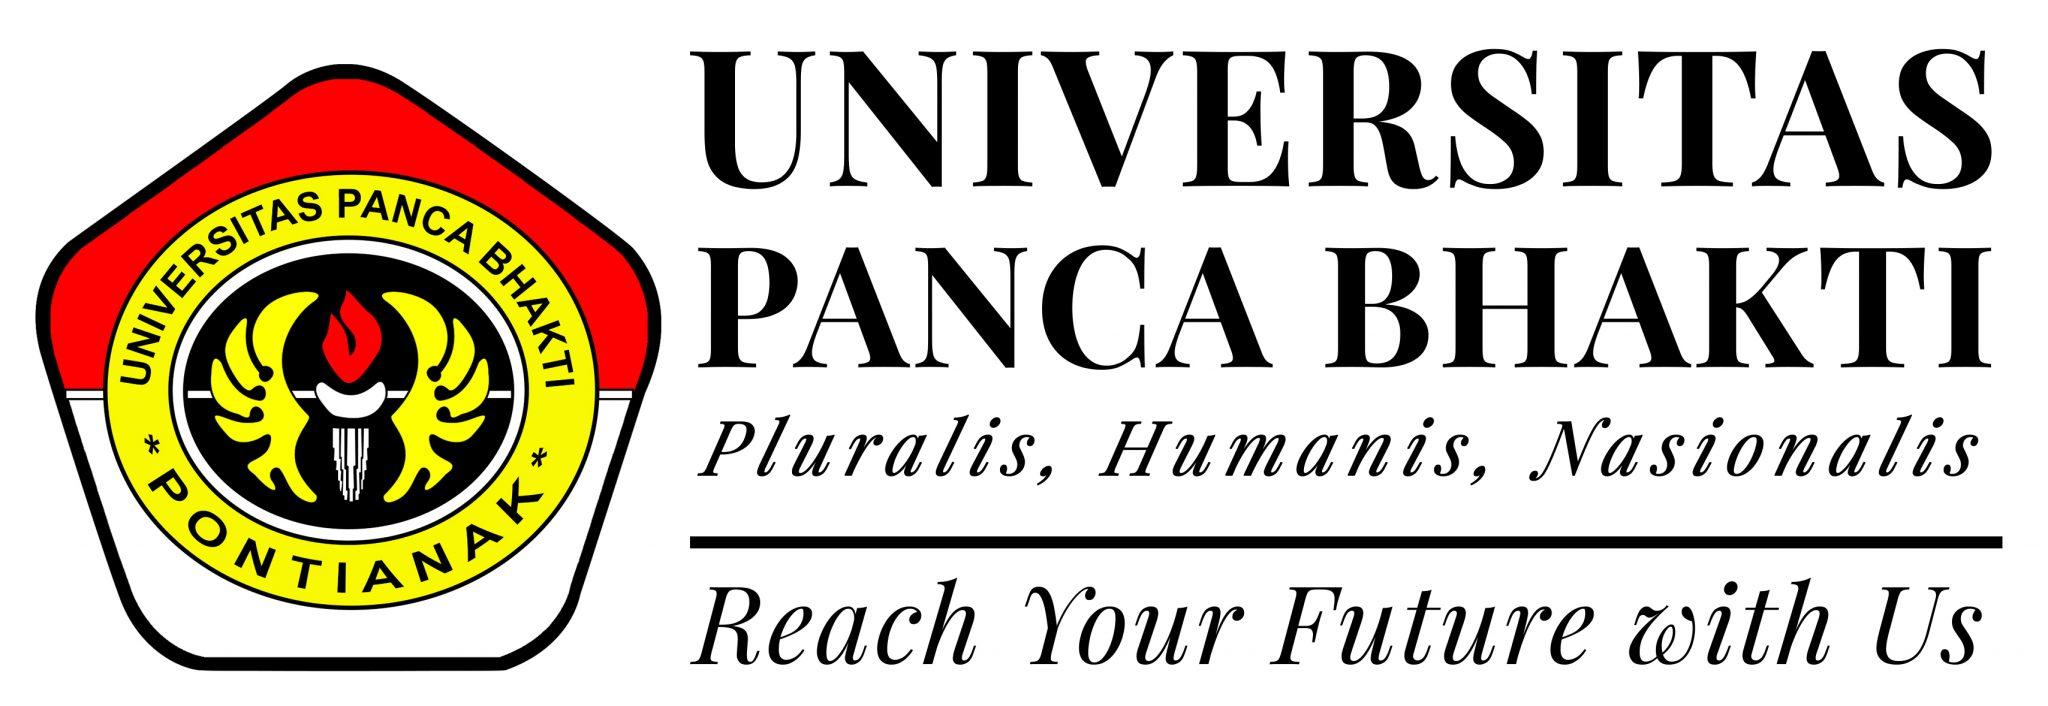 UNIVERSITAS PANCA BHAKTI